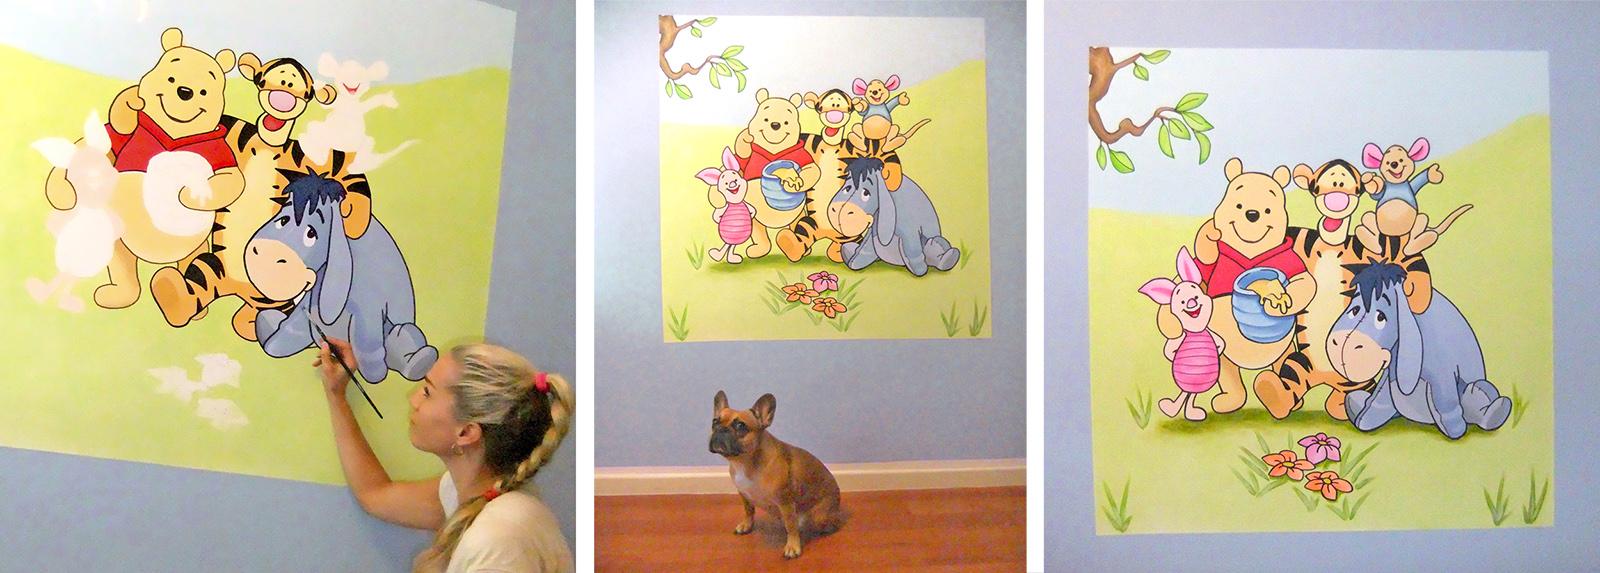 Babyzimmer wände gestalten malen motiv vorlagen  Sweetwall - Wunschmotive für Deine Wand. Wandmalerei für ...